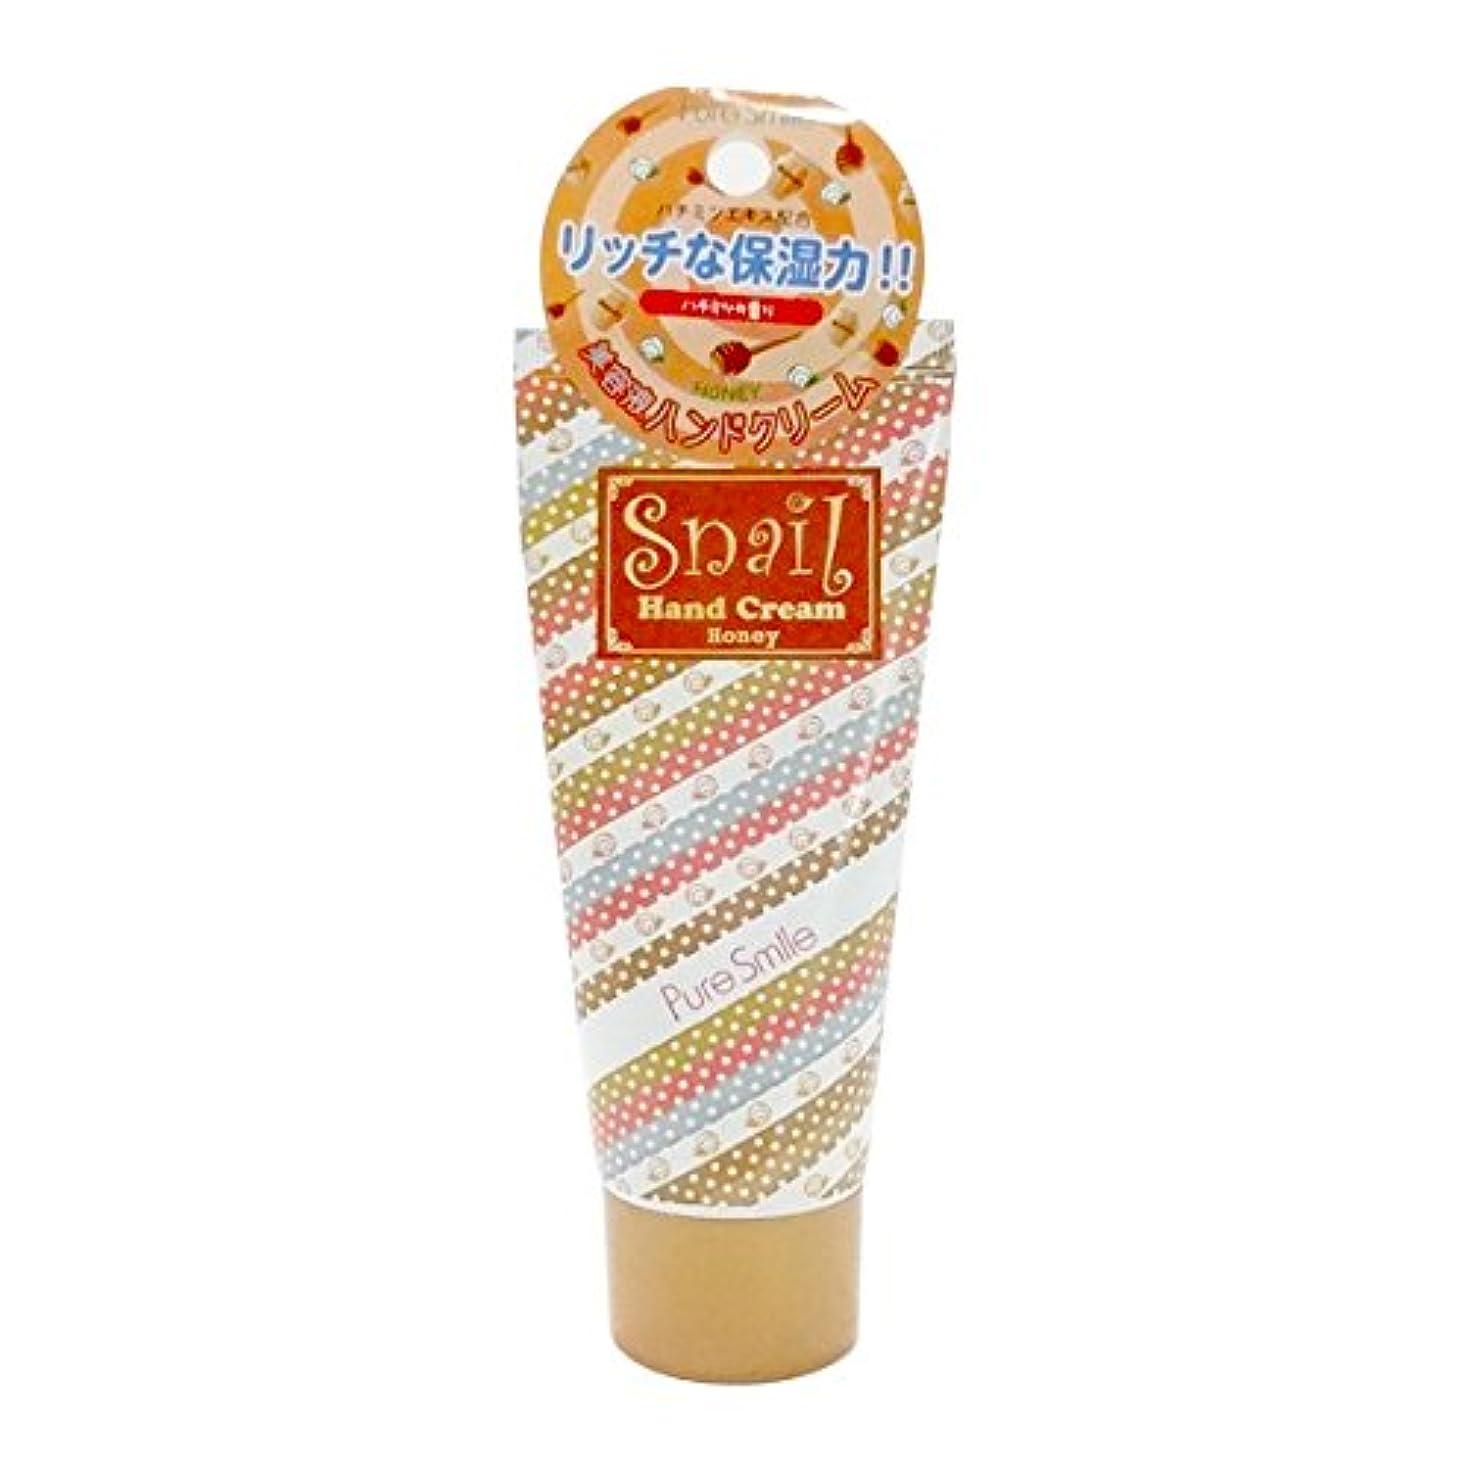 貧困ラウンジ絡み合いスネイル ハンドクリーム『ハチミツの香り』 60g SH03-HONEY